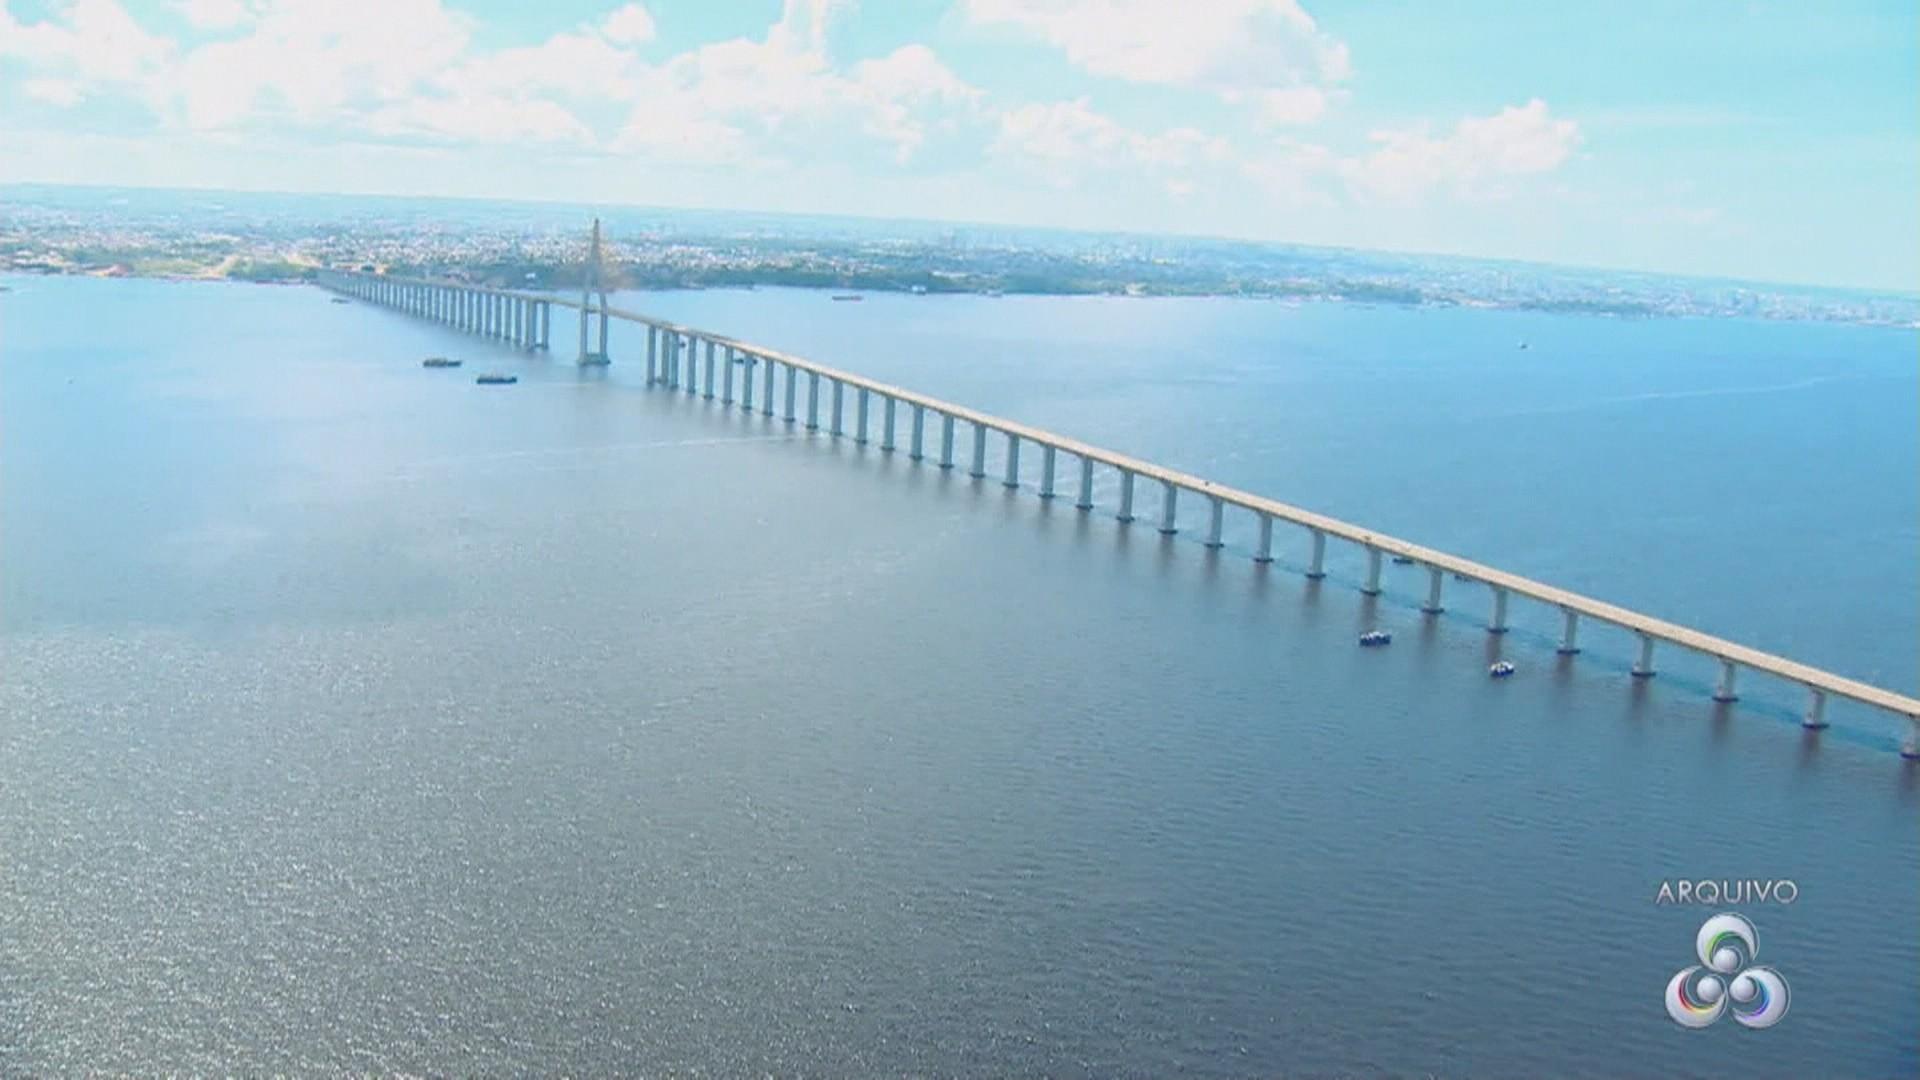 Apenas veículos com autorização poderão atravessar a Ponte Rio Negro, no AM, diz governo